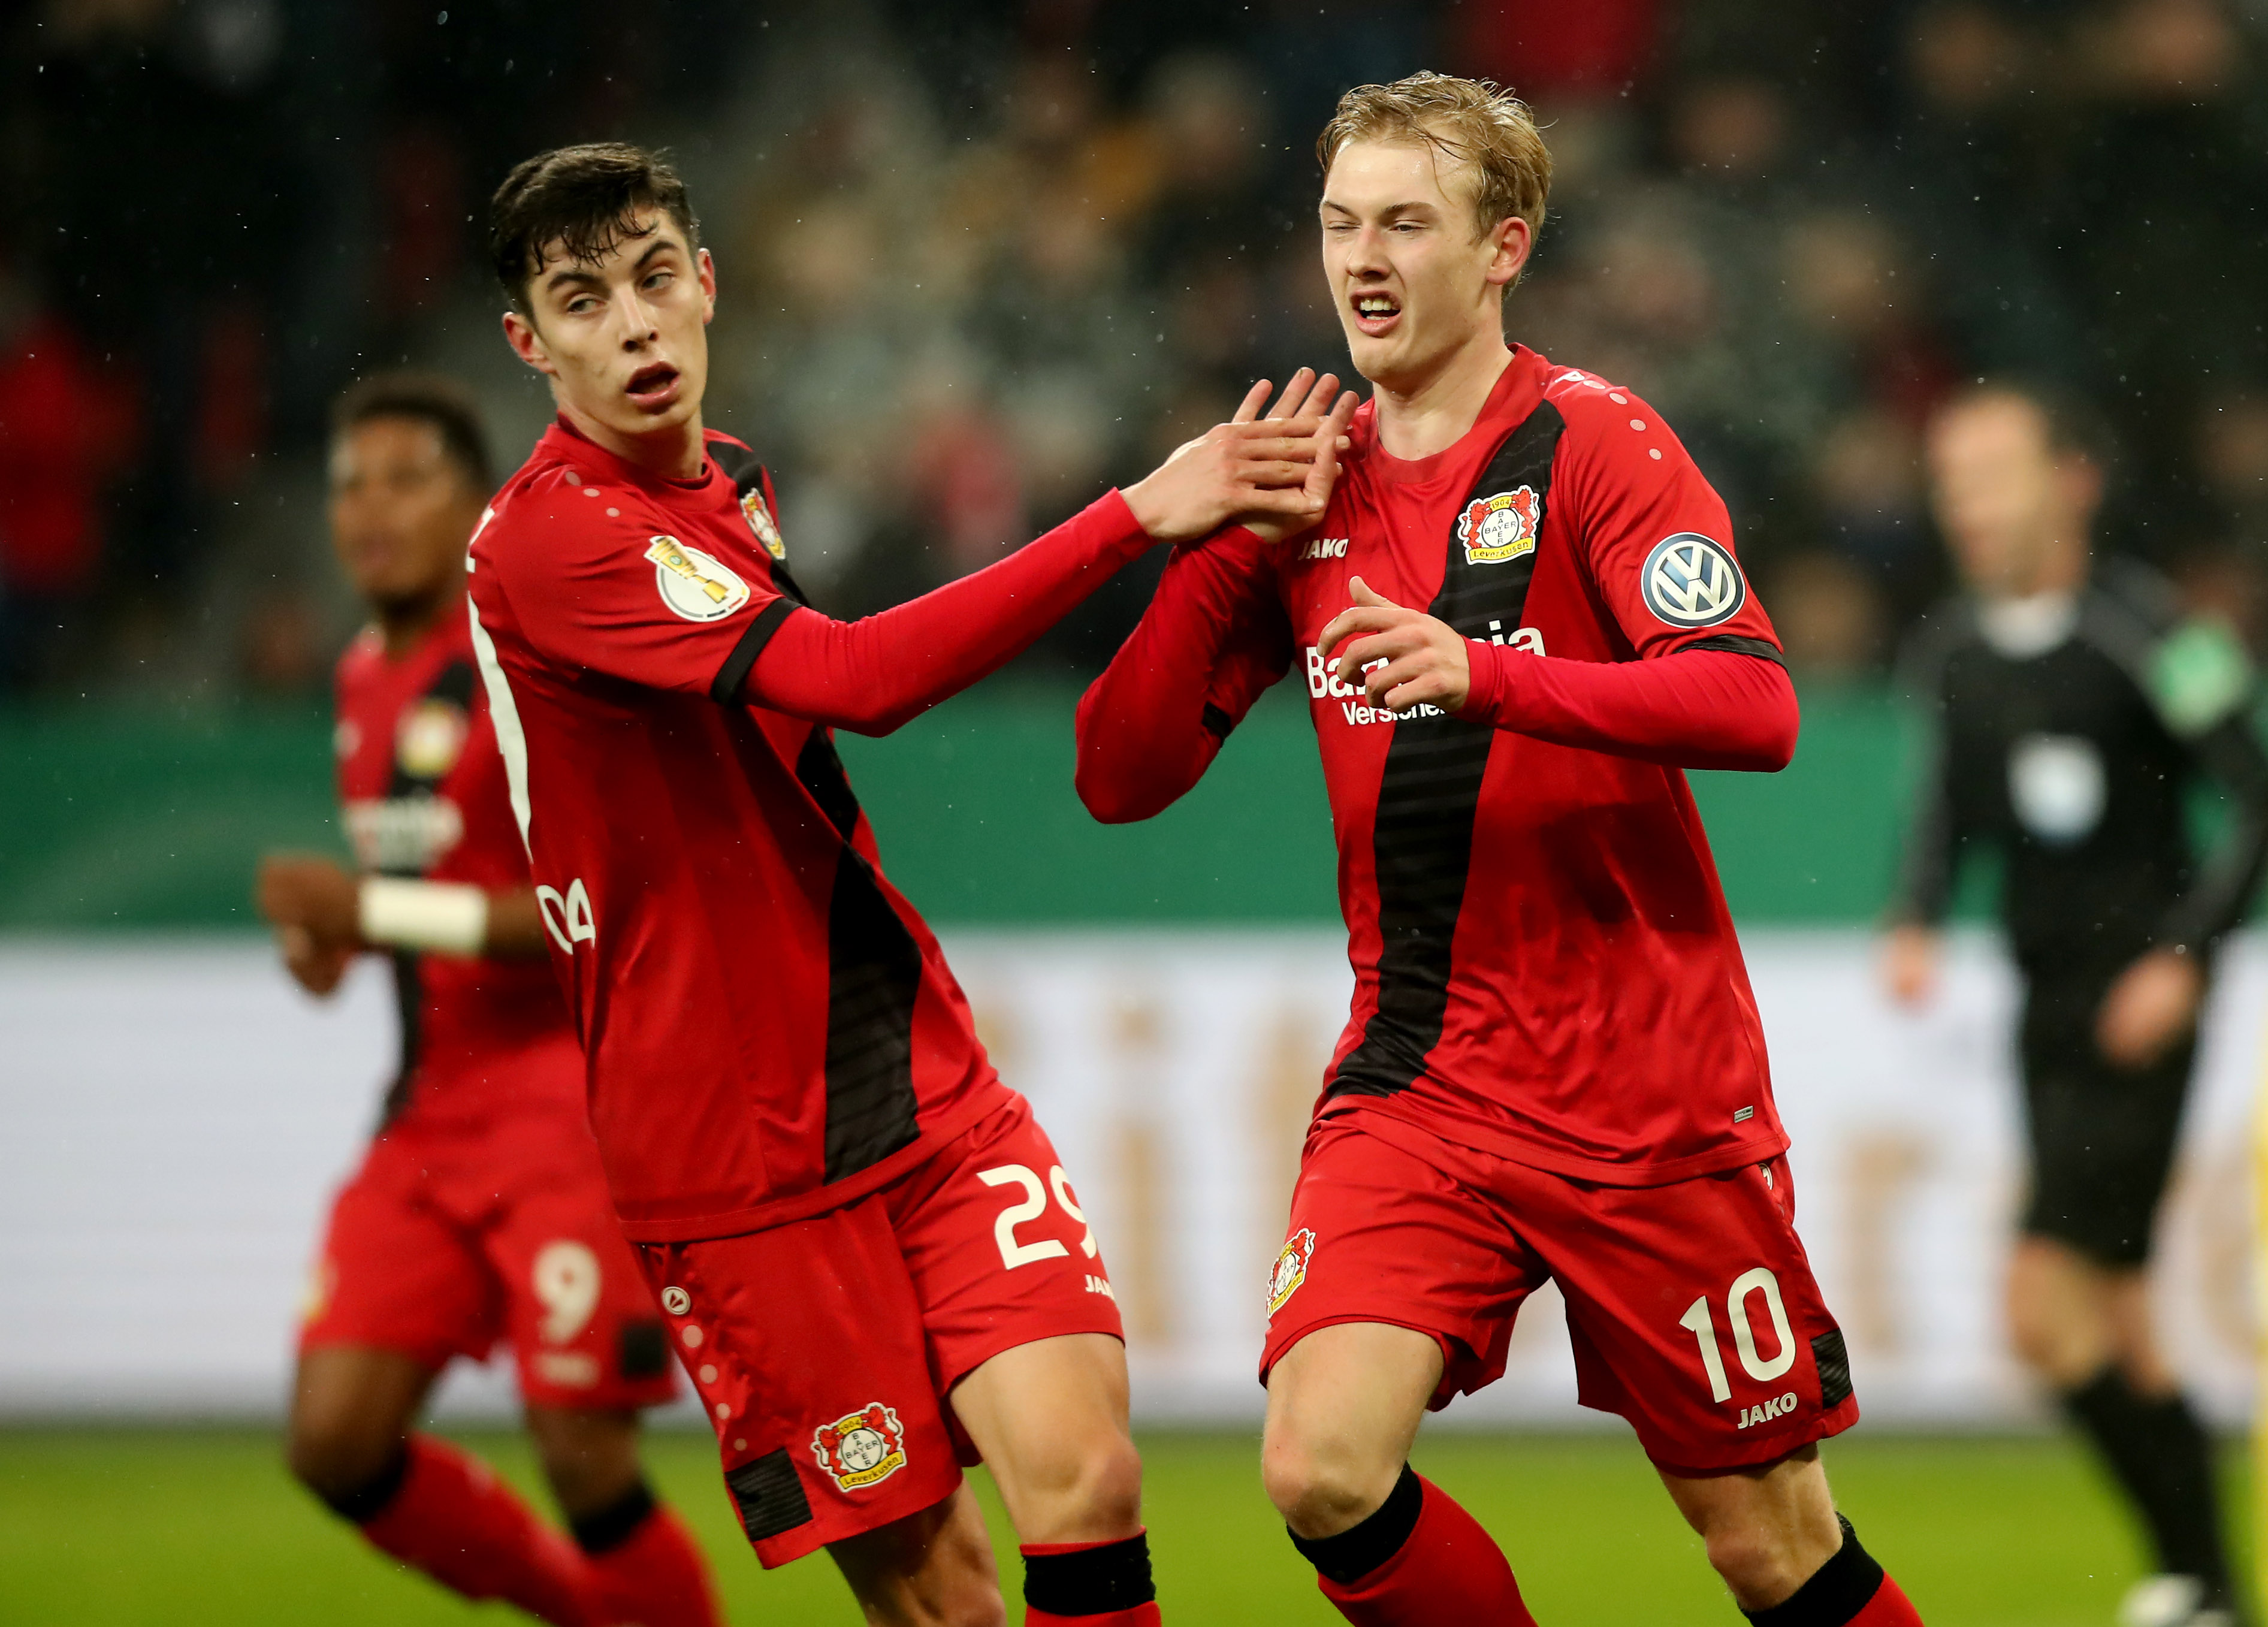 Burgstaller schießt Schalke zu Big Points